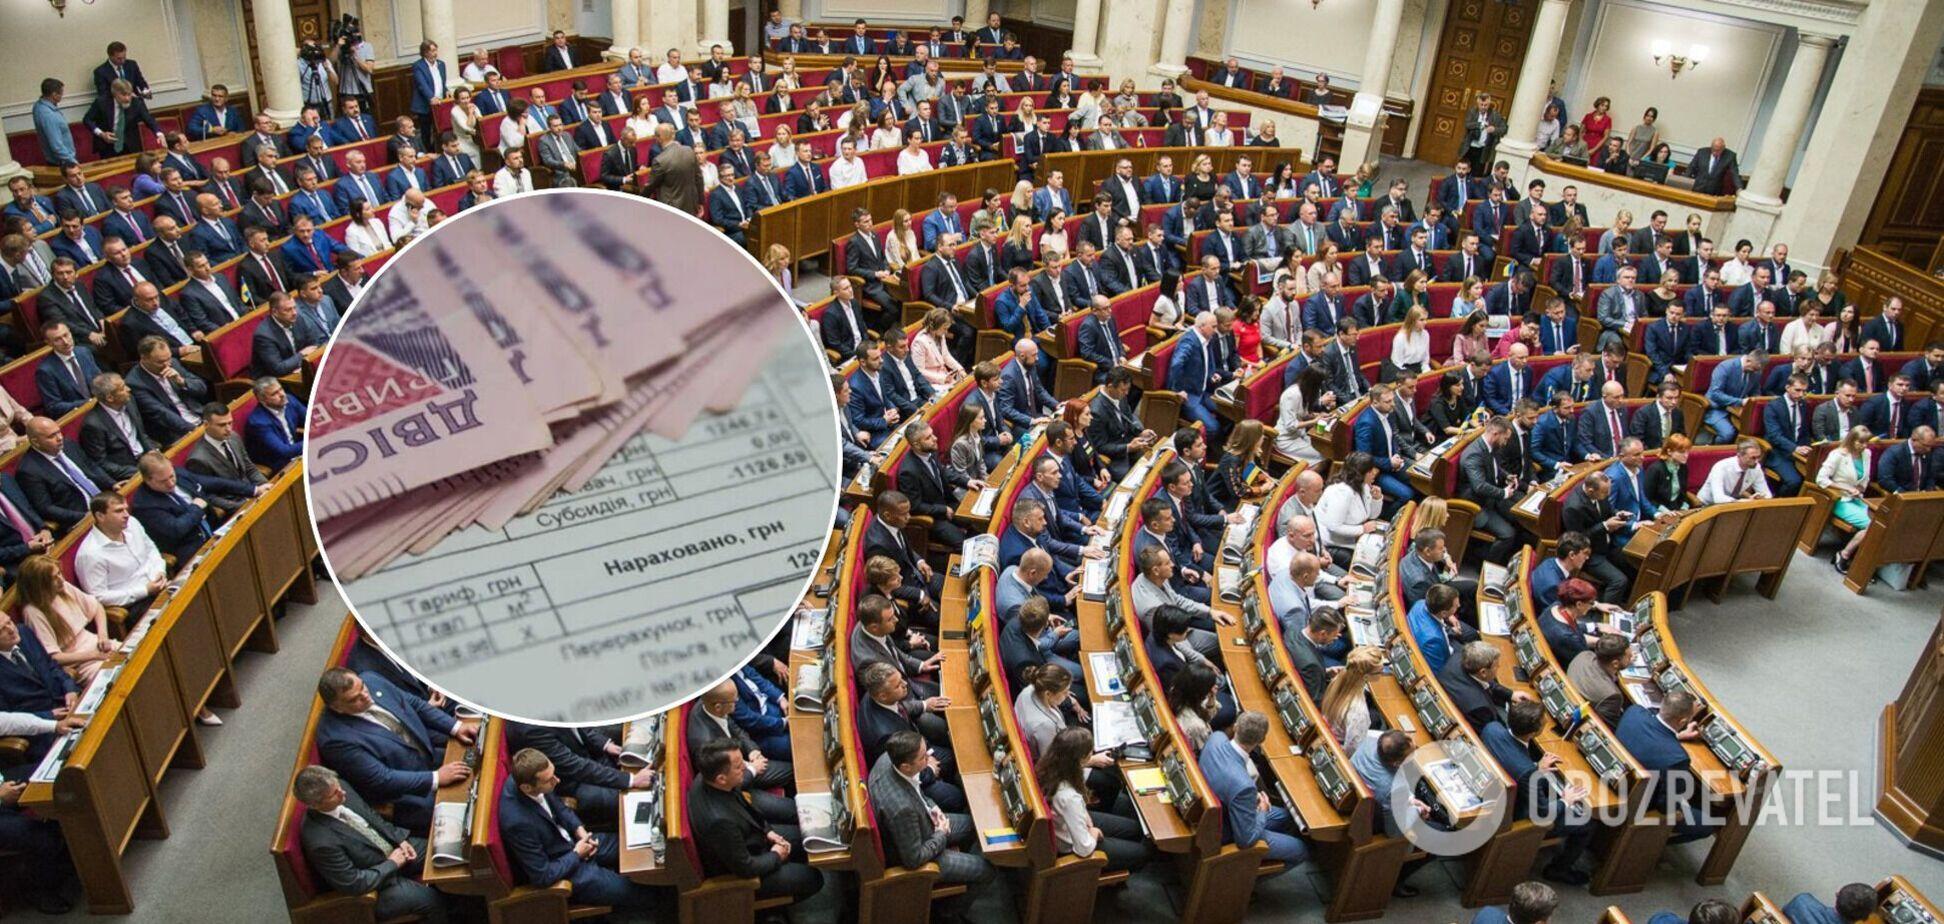 Експертка назвала партію, яка з першого дня роботи парламенту заговорила про тарифи та субсидії